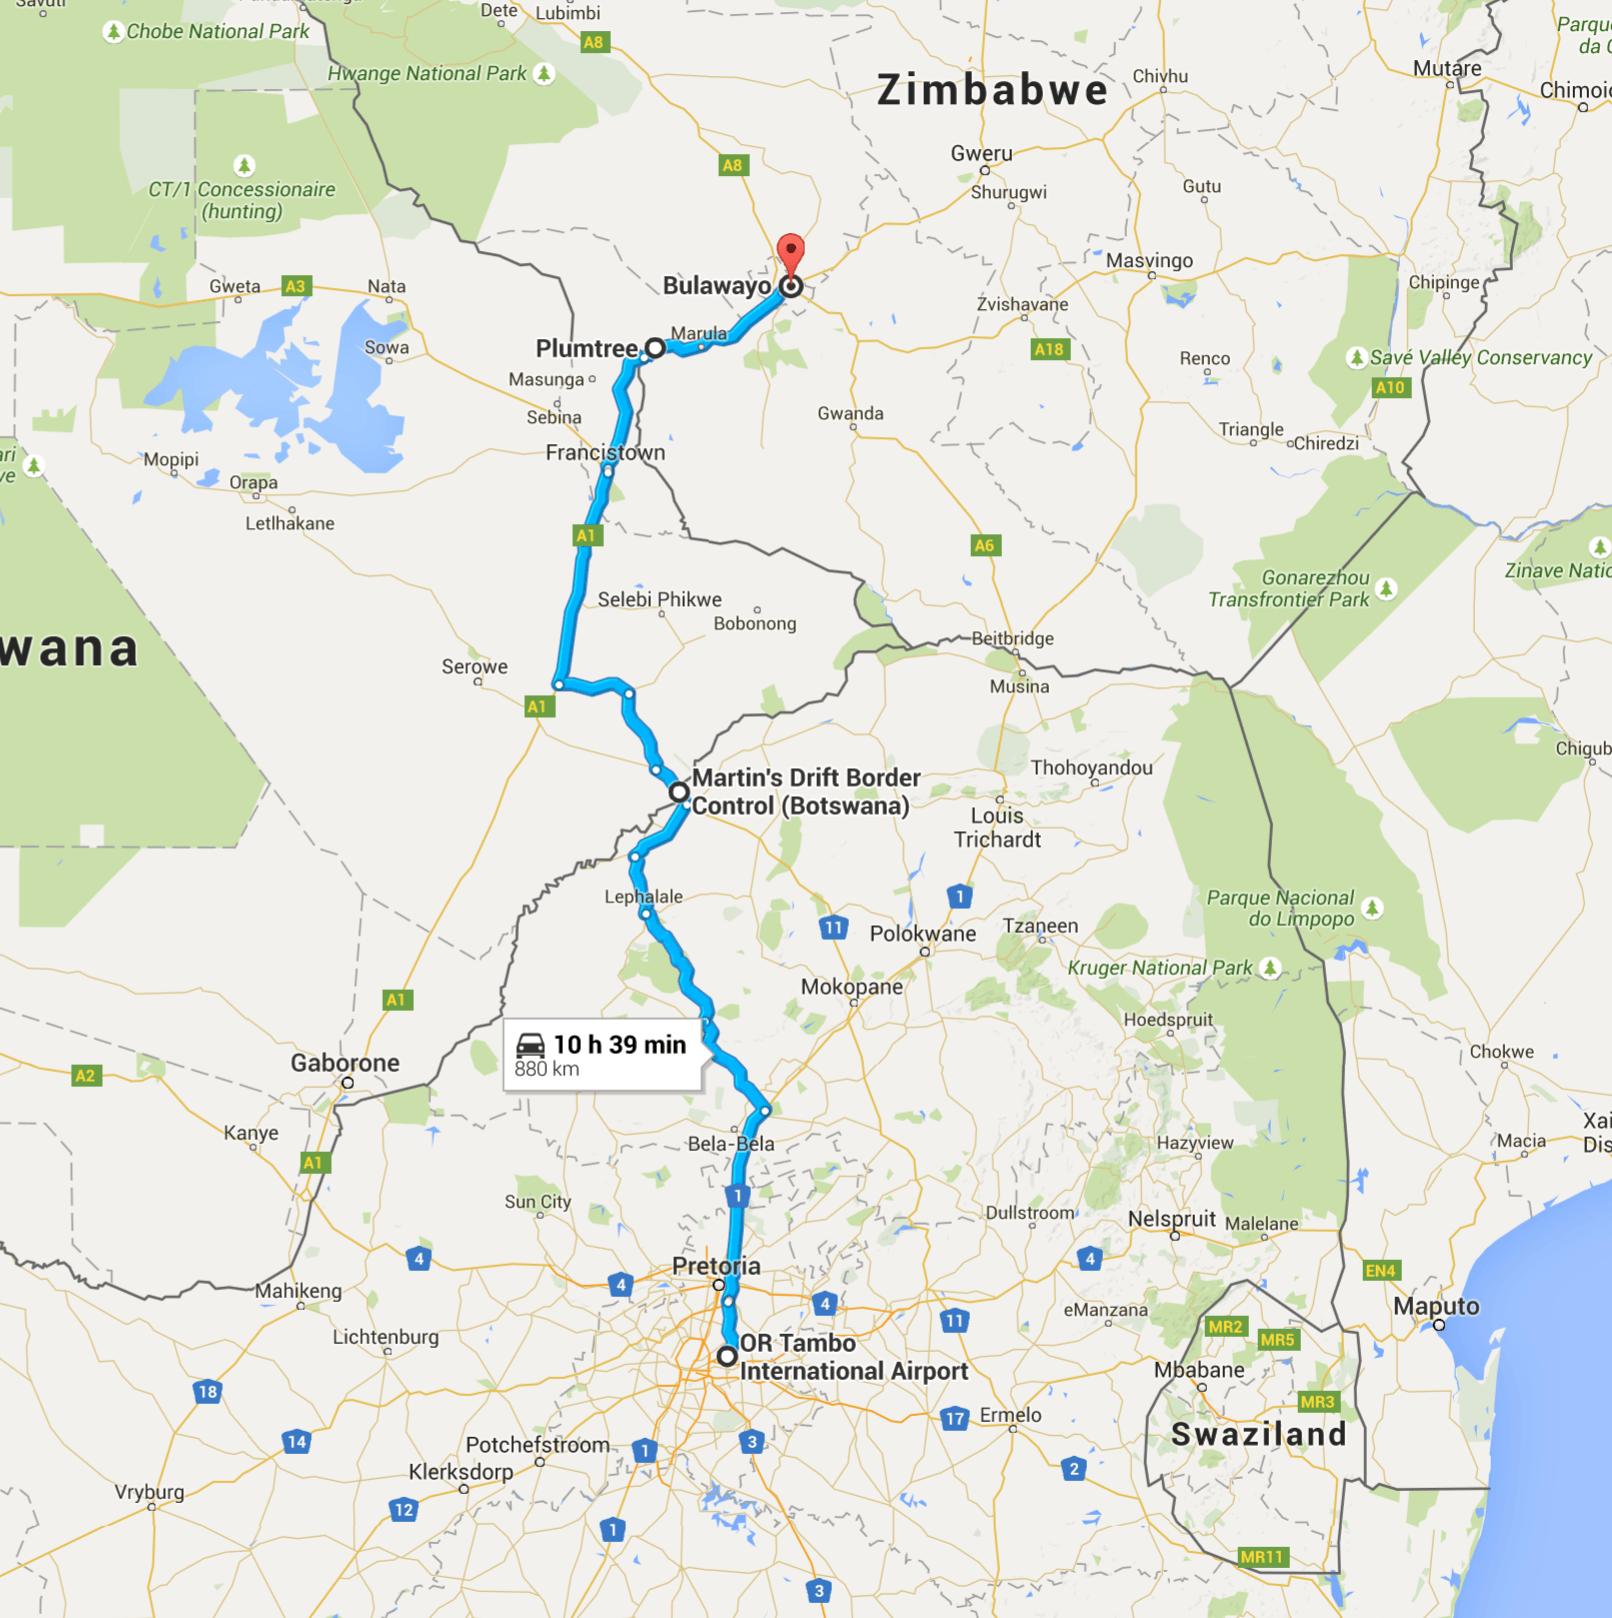 rencontres en ligne Bulawayo 9 mot couper et coller le message datant